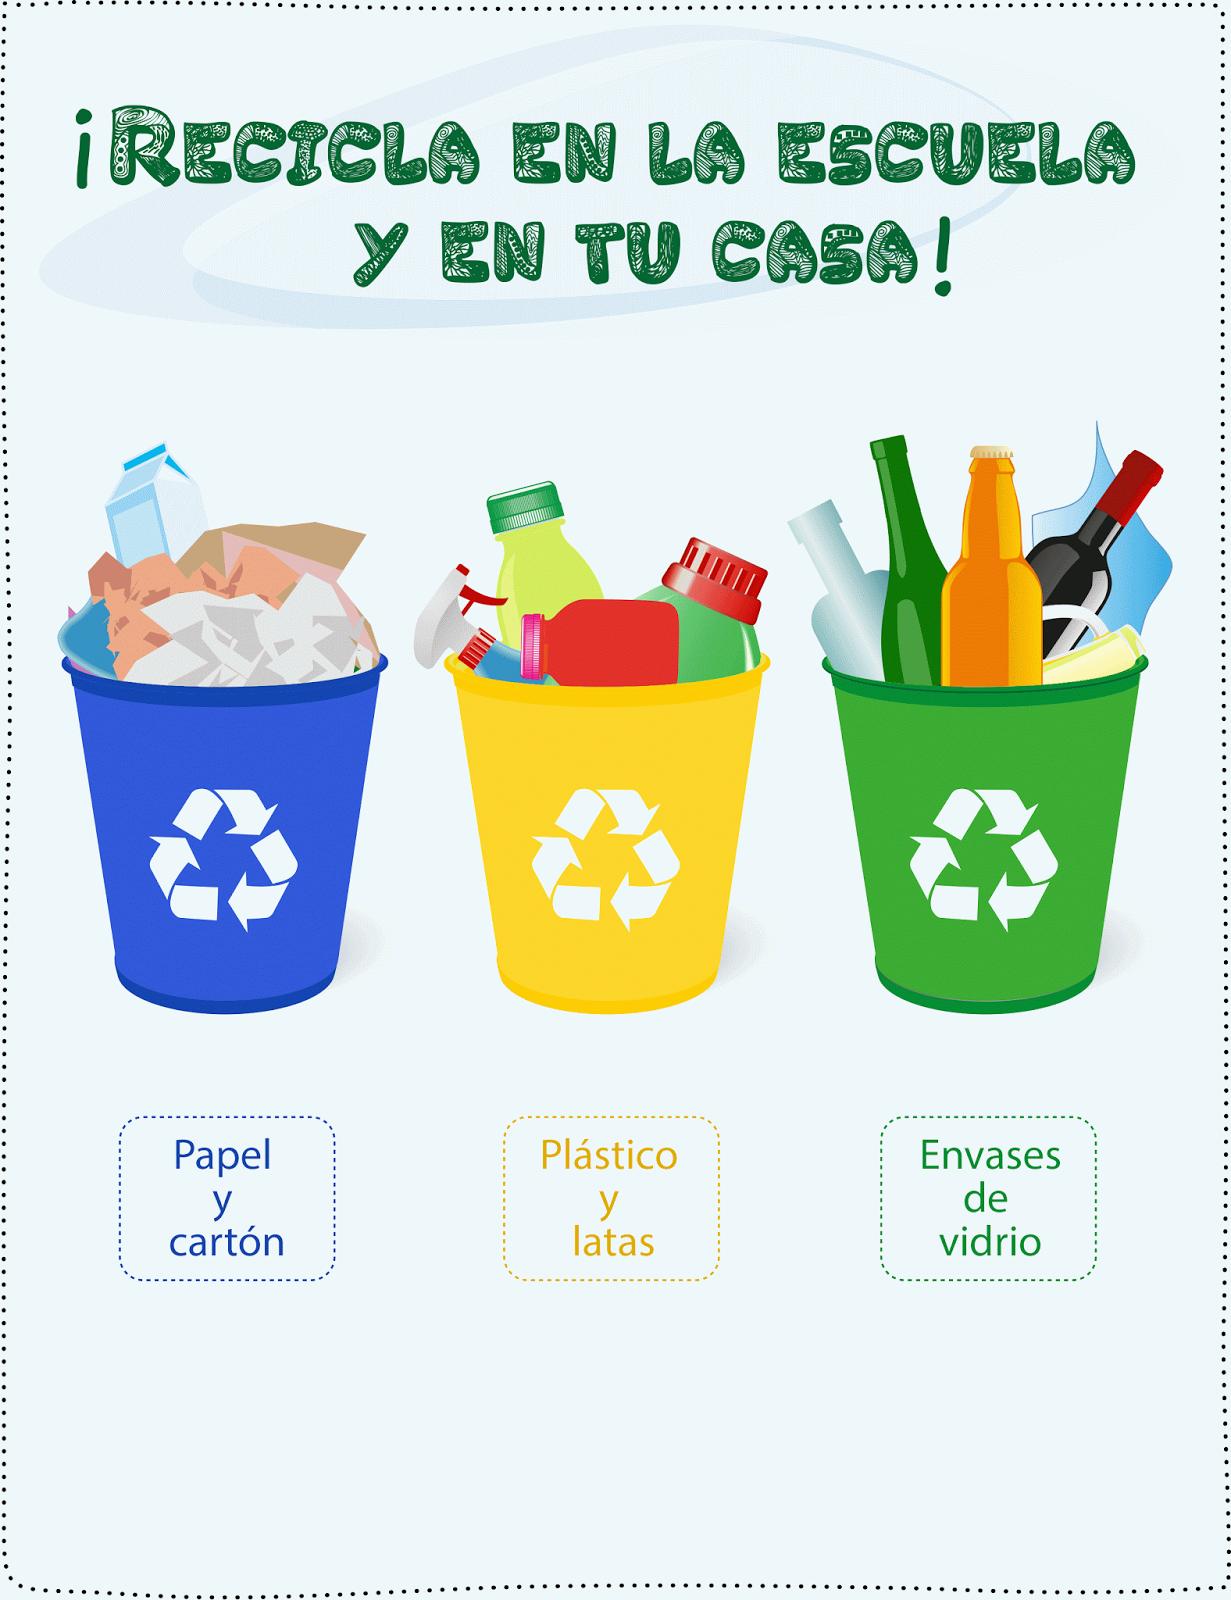 Monografias escolares cuidados del medio ambiente for Dibujos de las 3 r